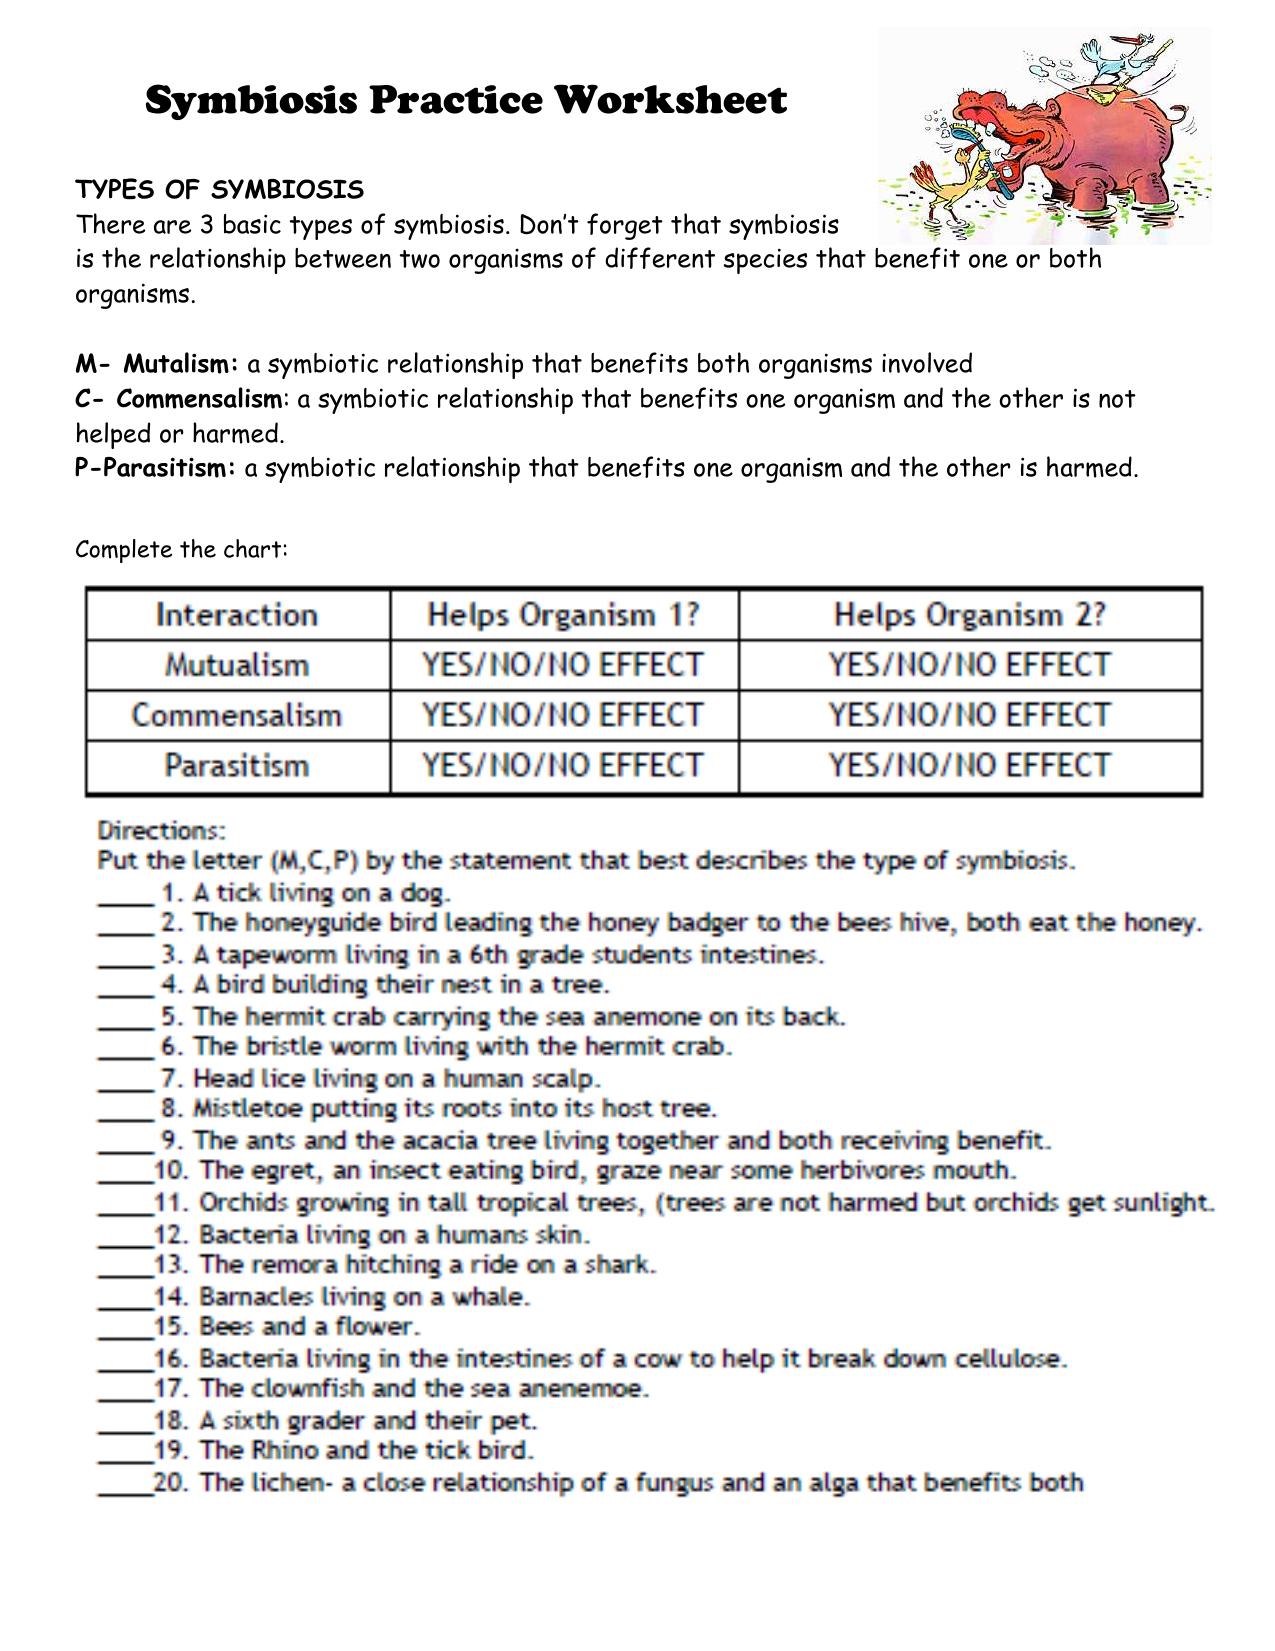 Symbiosis Practice Worksheet